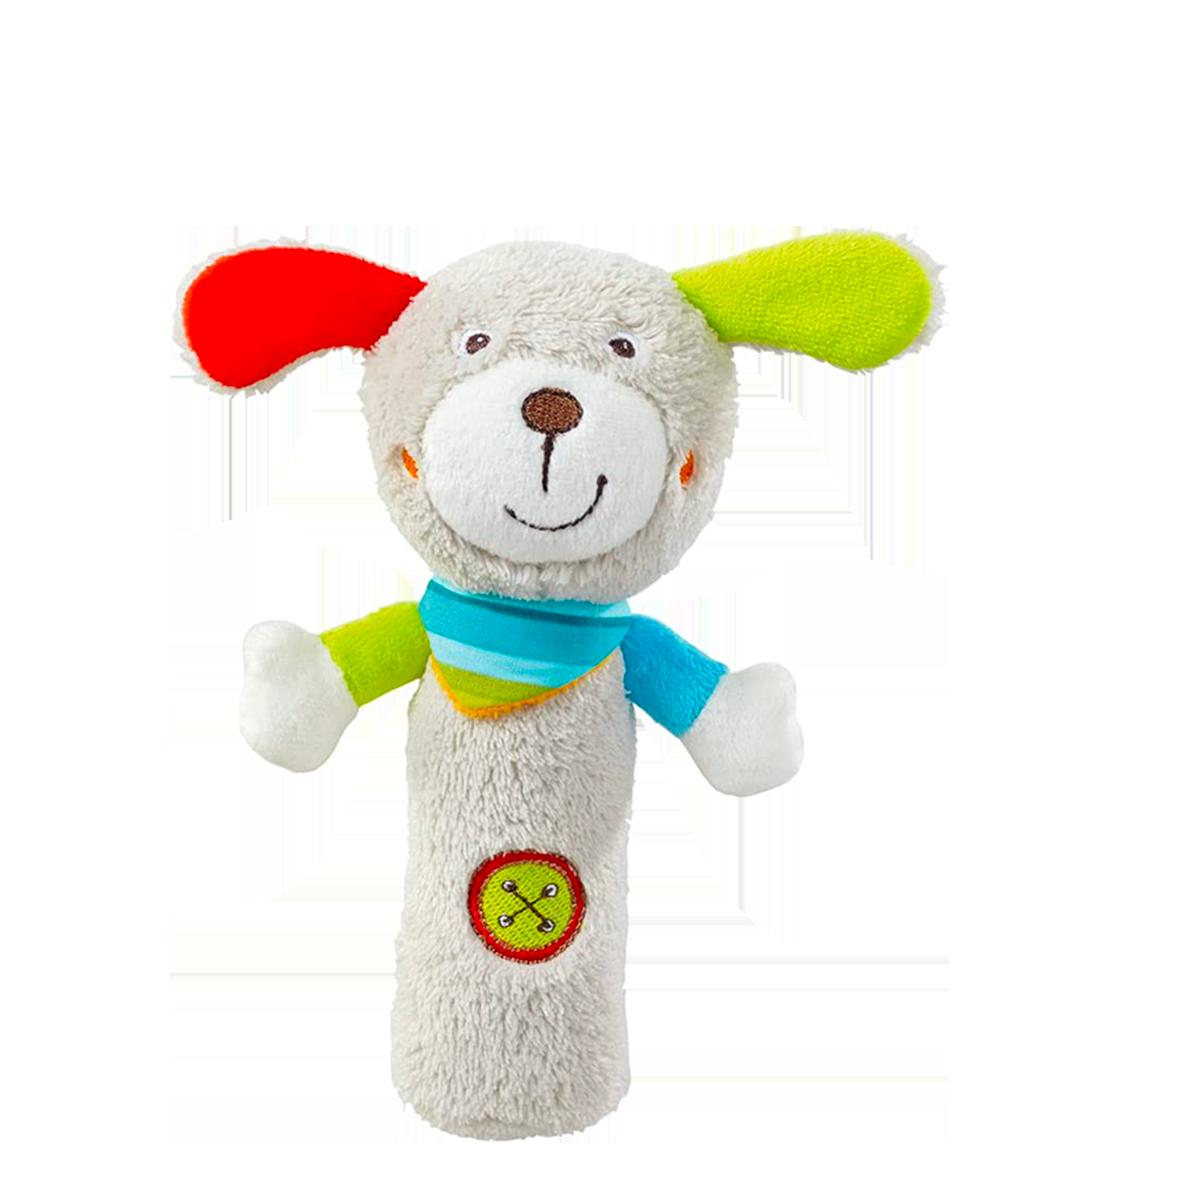 Peluche musicale   - Hochet Puppy - Fehn